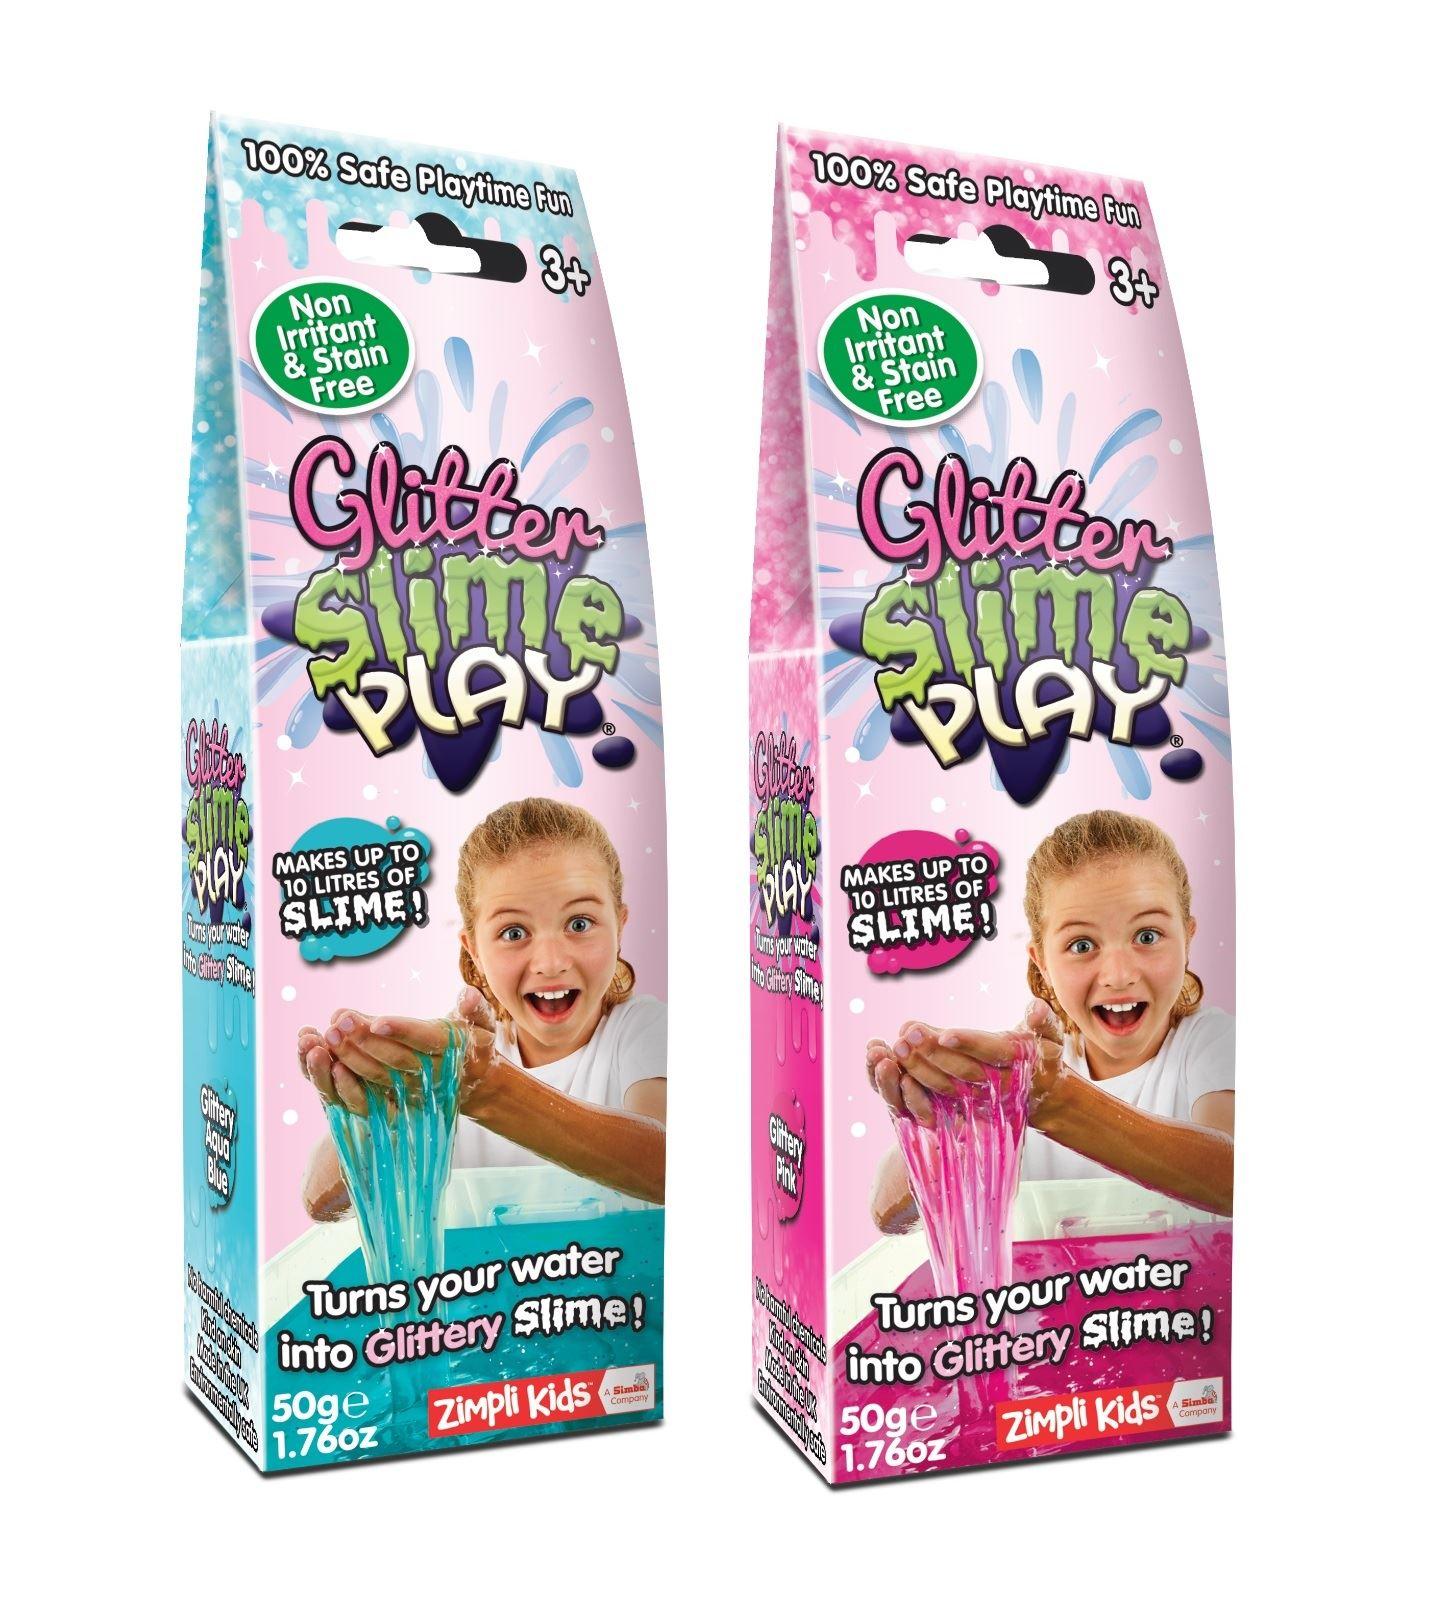 Zimpli Enfants Baff Gamme Vert Slime Play 20g Feuille Pack 4 Litres de